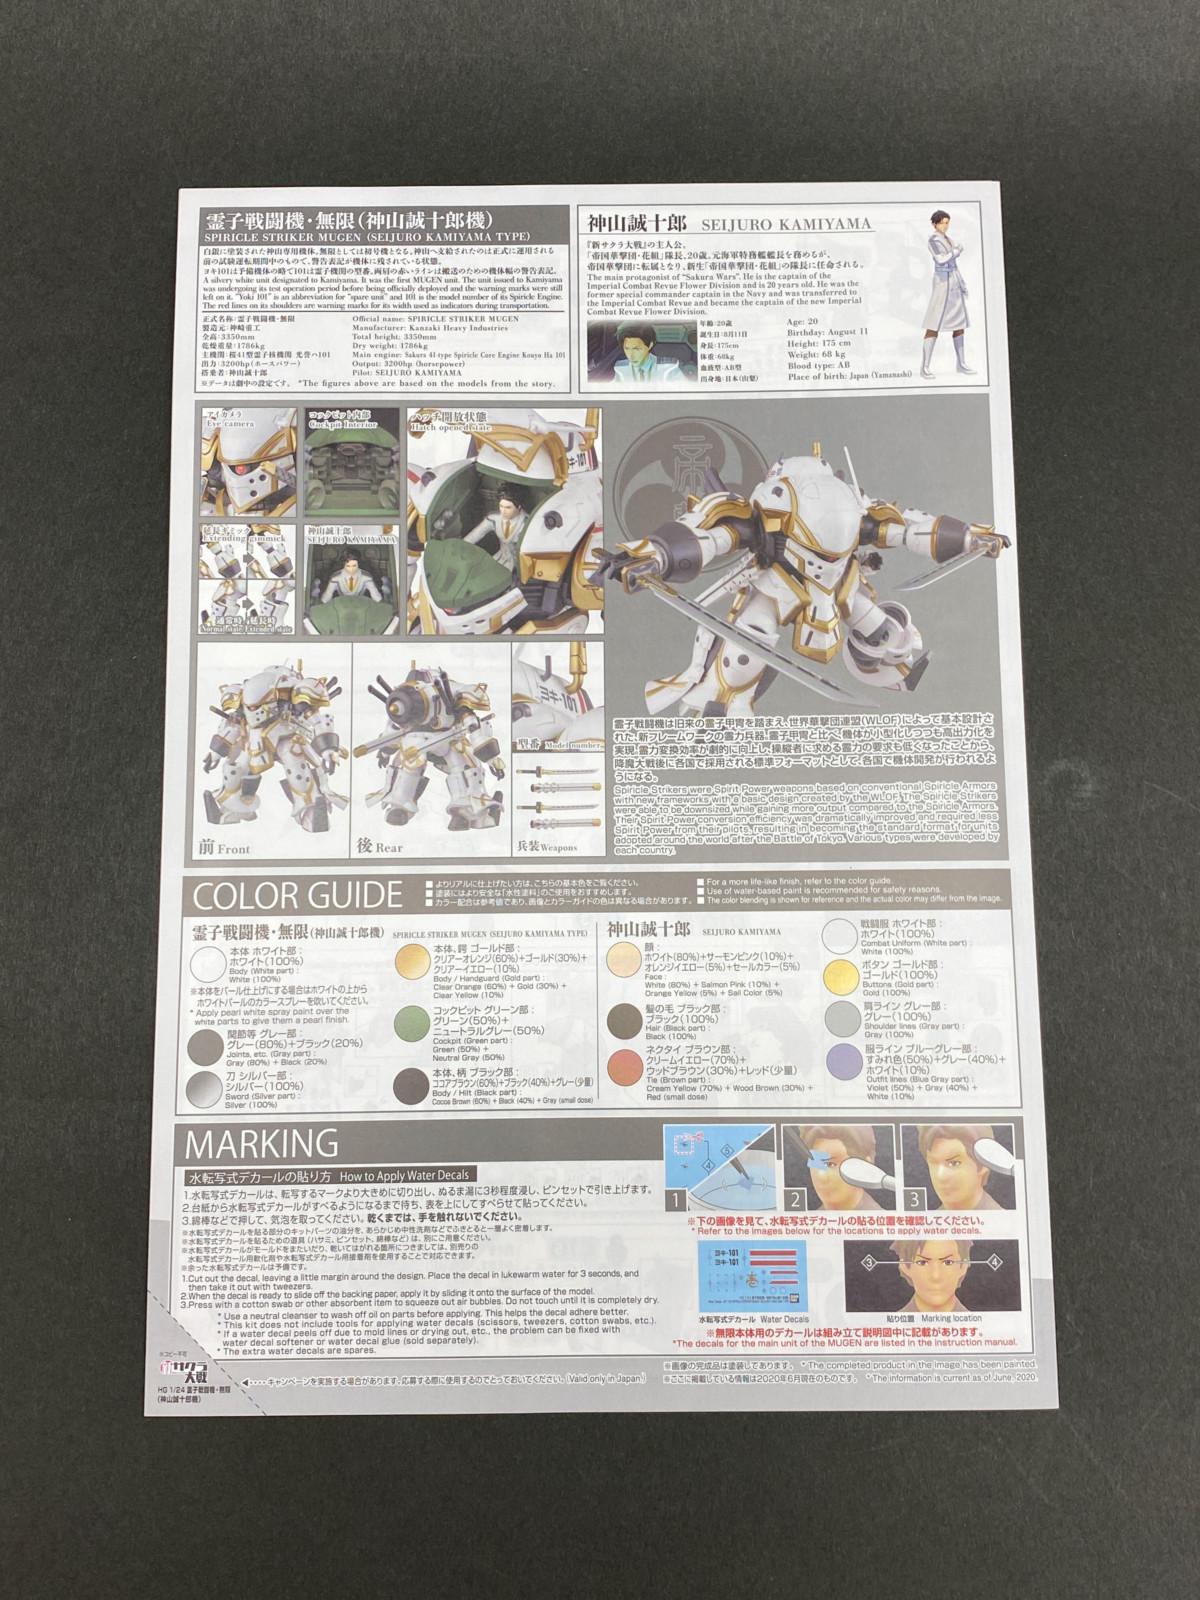 1/24 HG Spiricle Striker Mugen (Seijurou Kamiyama Type)